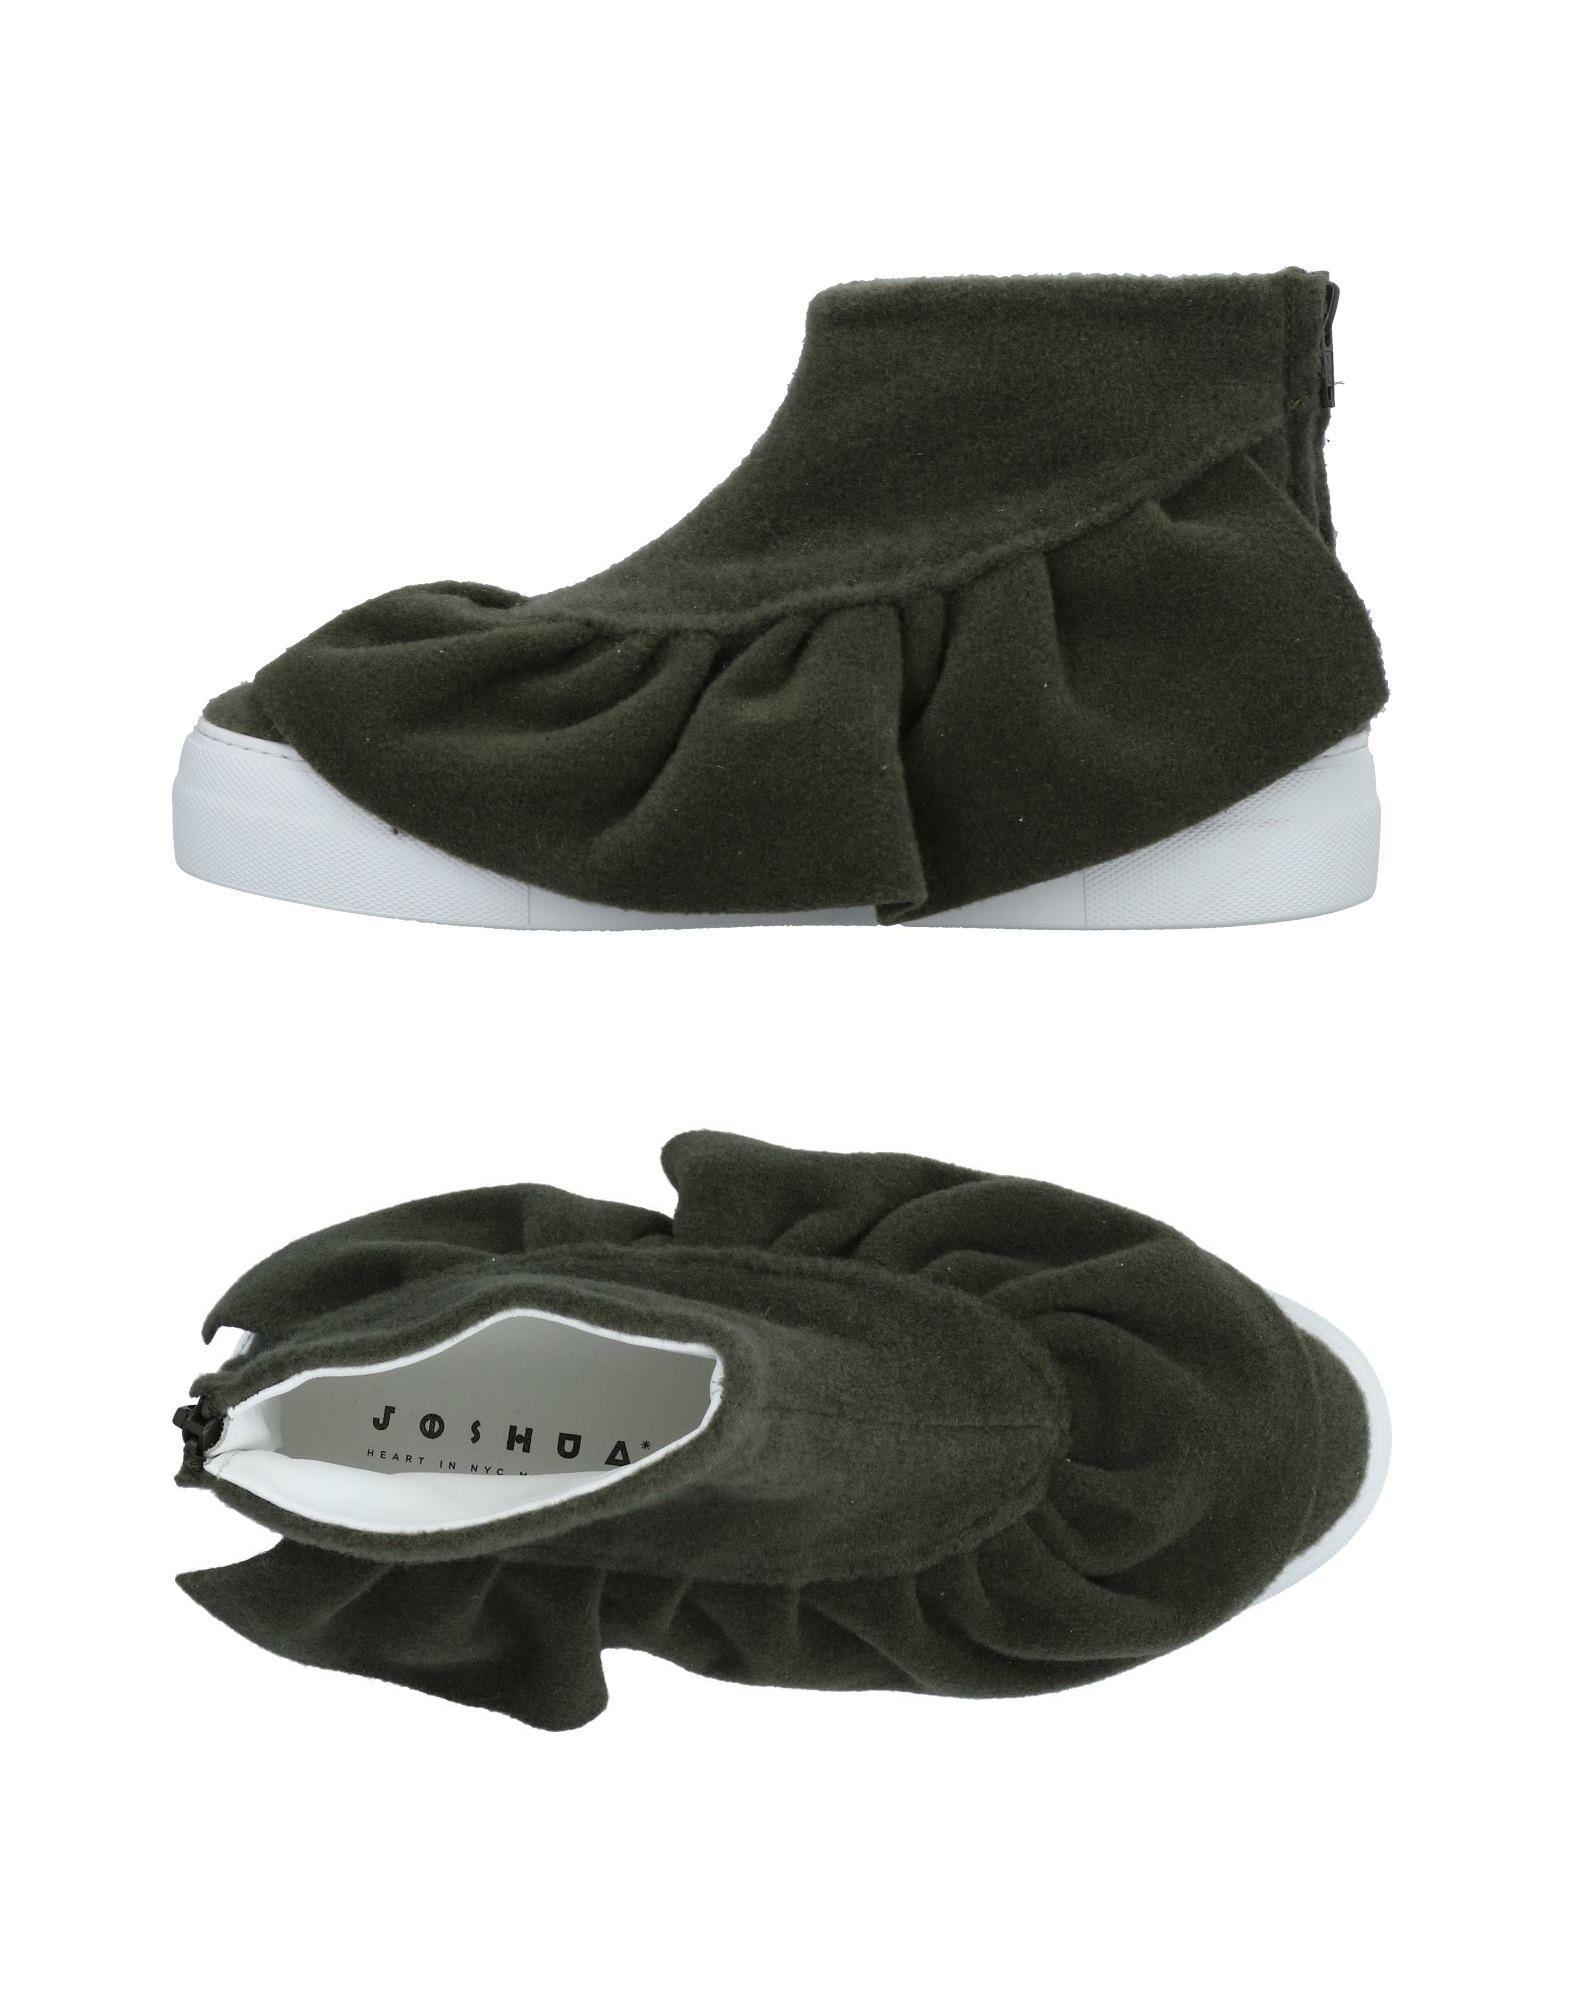 Scarpe economiche e resistenti Sneakers Joshua*S Donna - 11481183PH